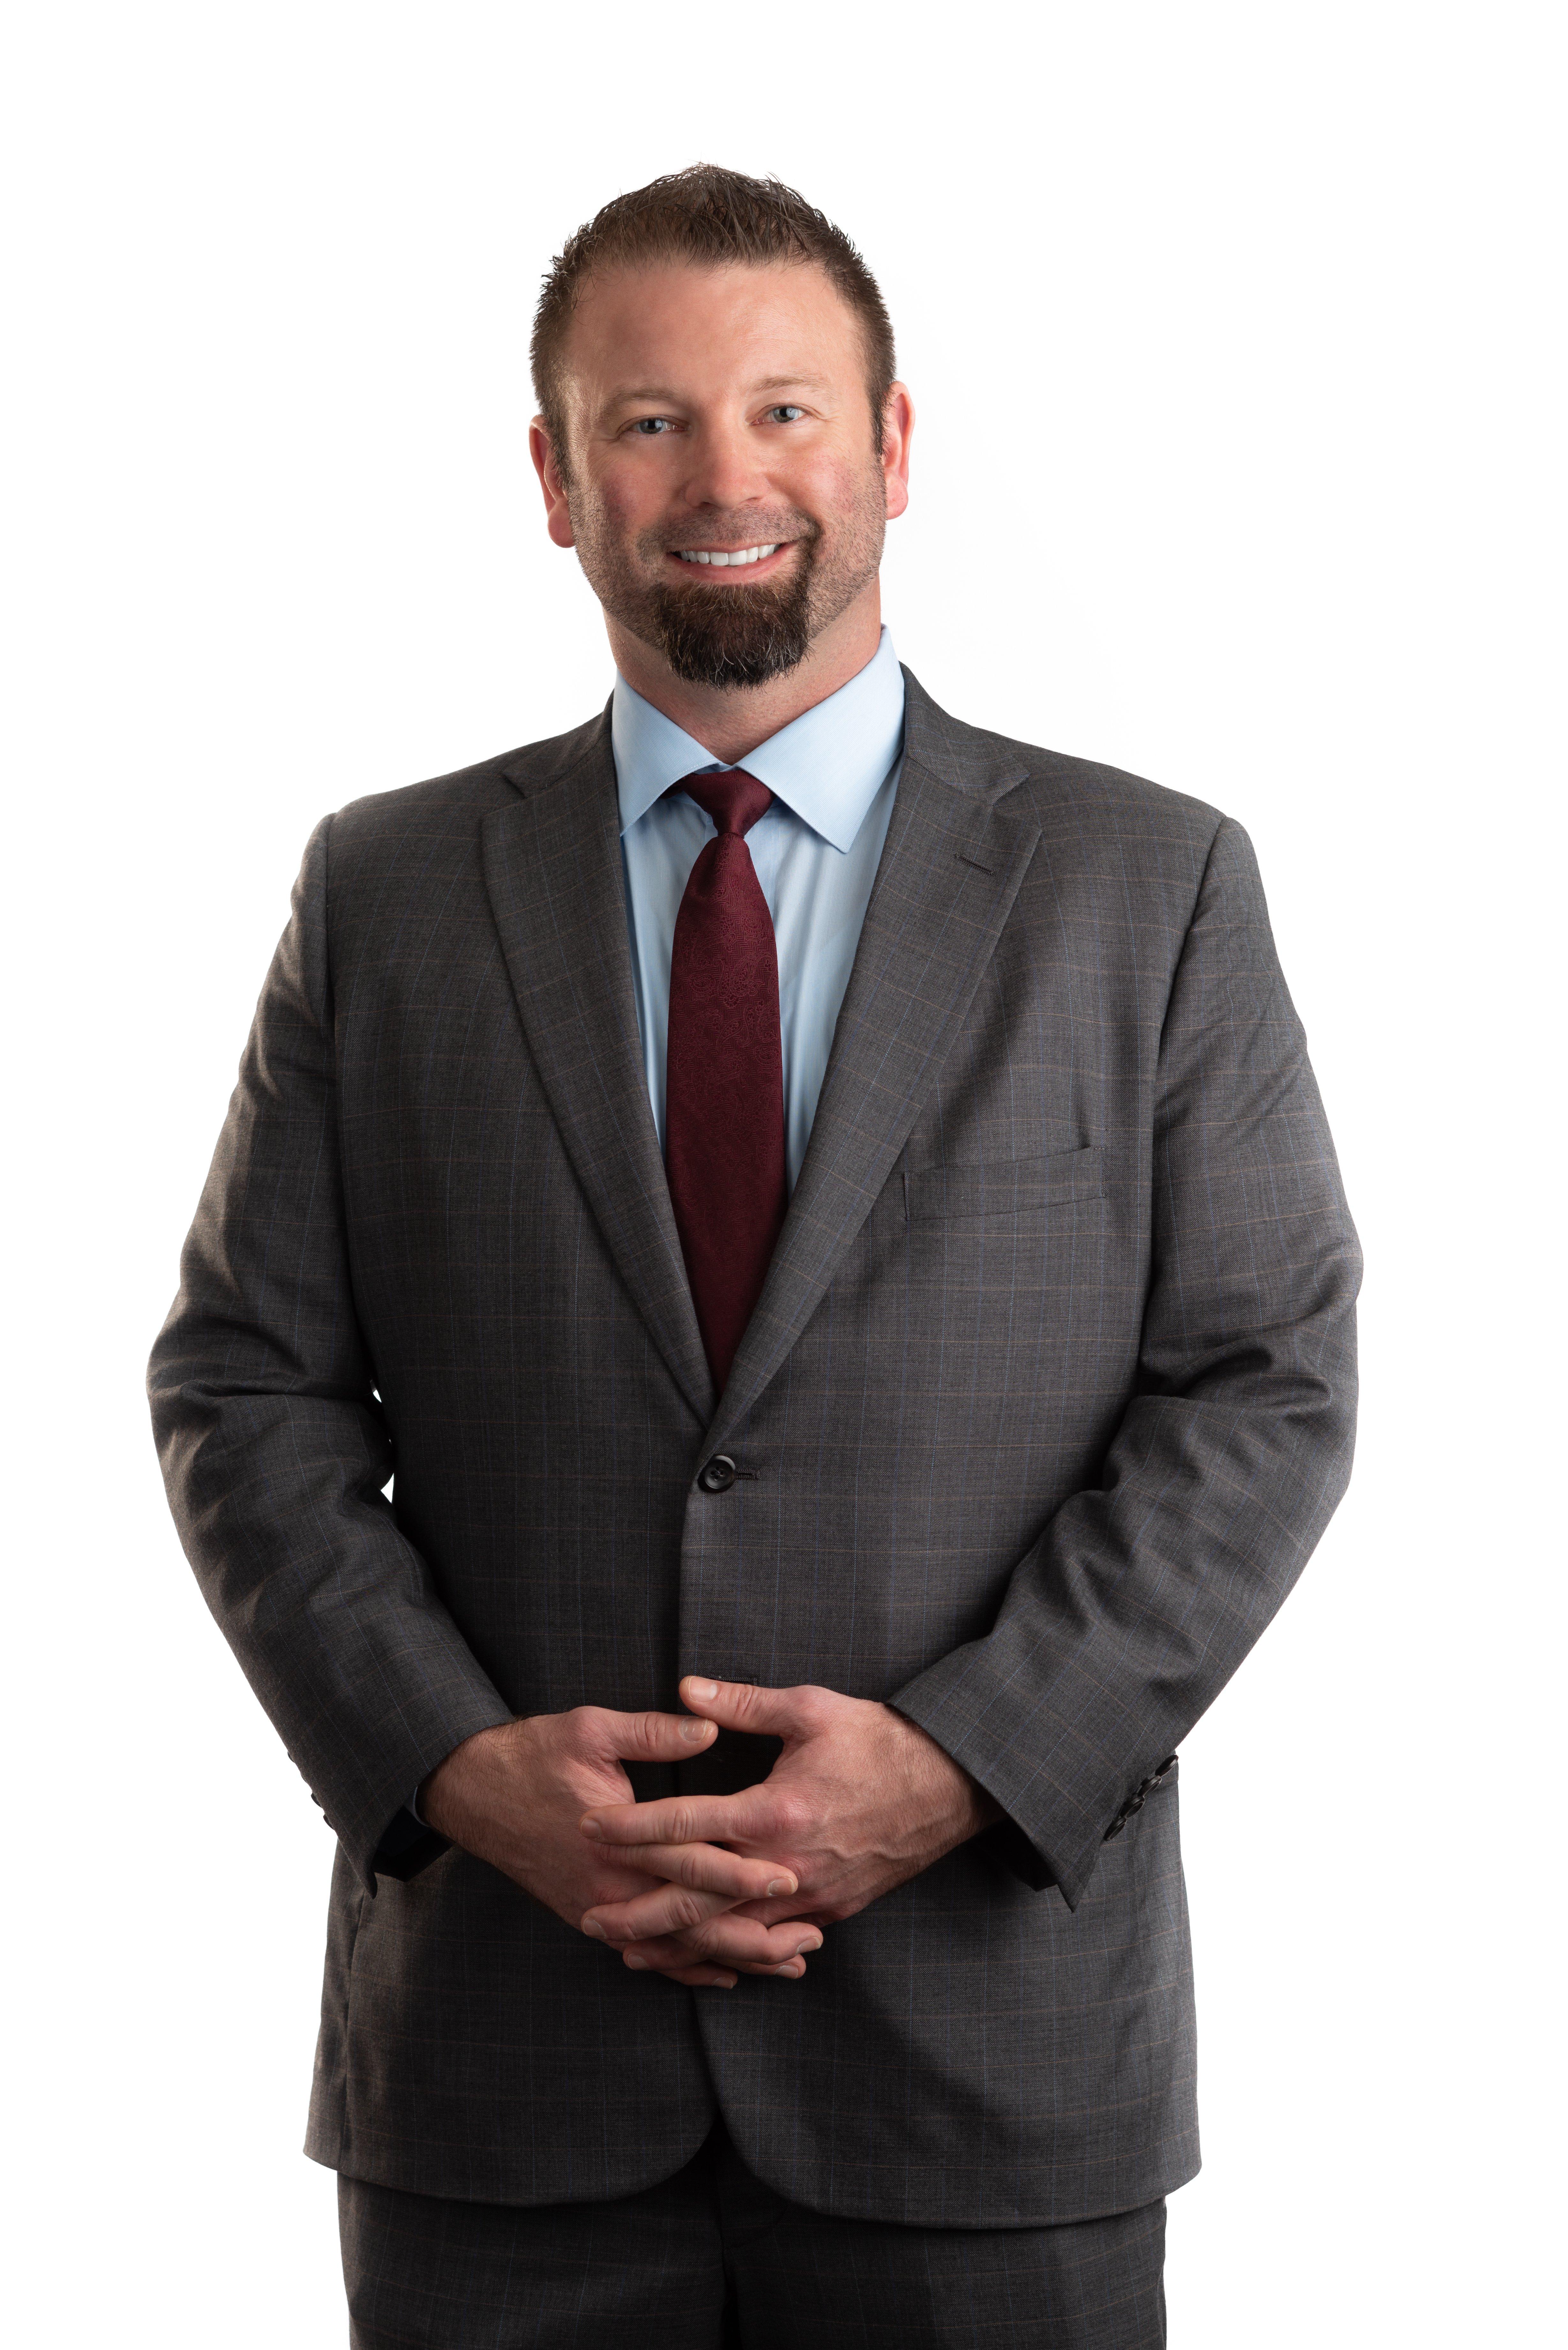 Top Houston Lawyer